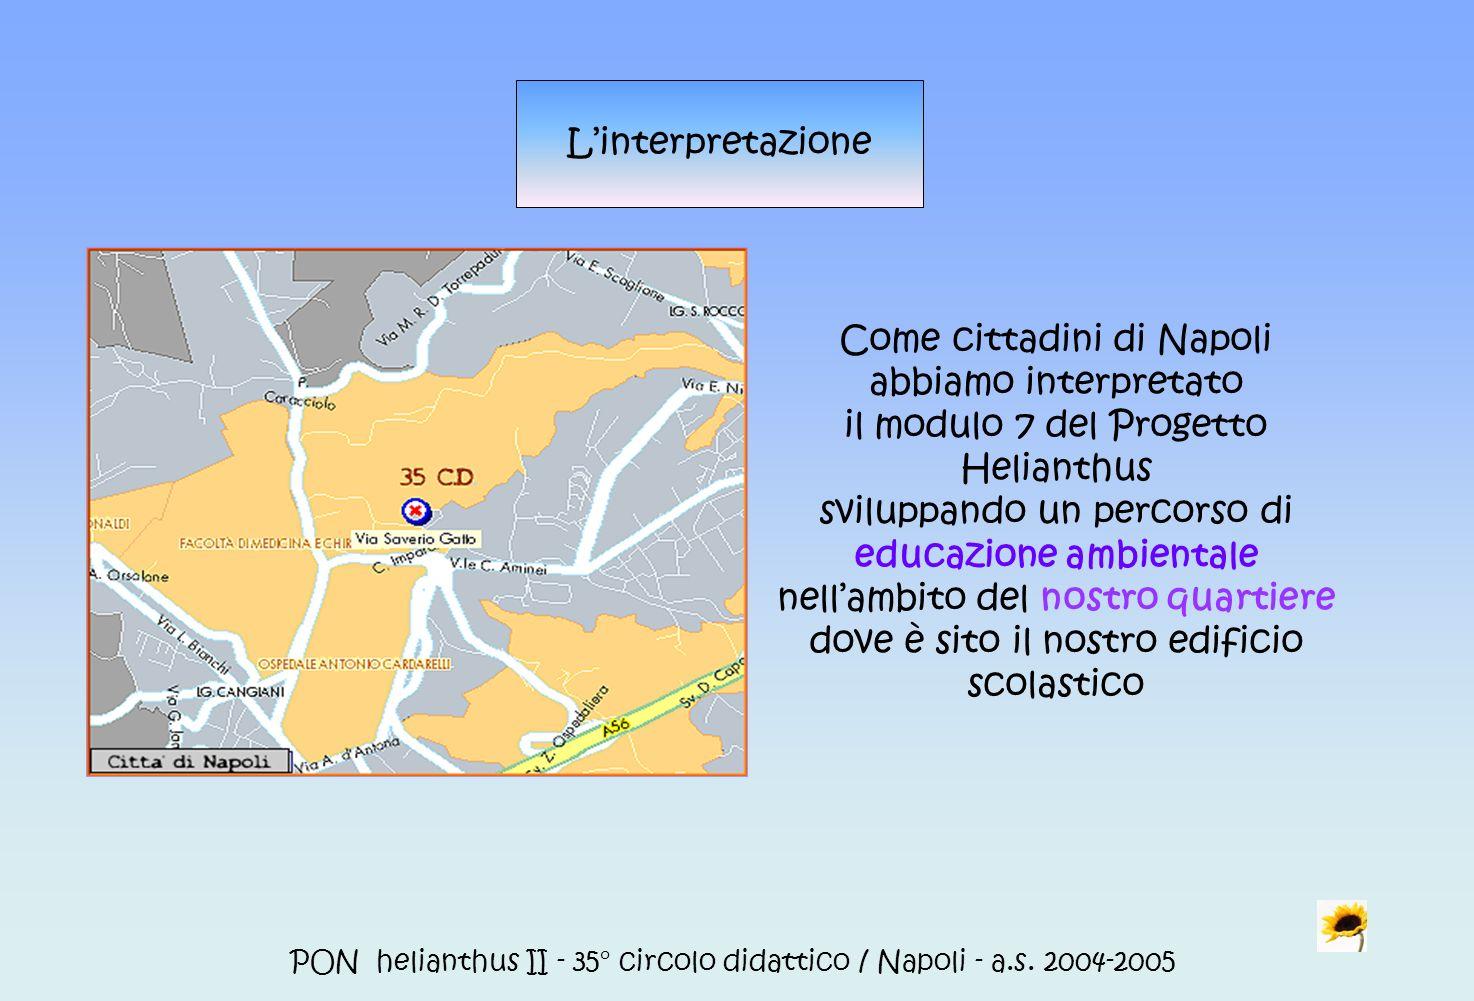 PON helianthus II - 35° circolo didattico / Napoli - a.s. 2004-2005 Linterpretazione Come cittadini di Napoli abbiamo interpretato il modulo 7 del Pro